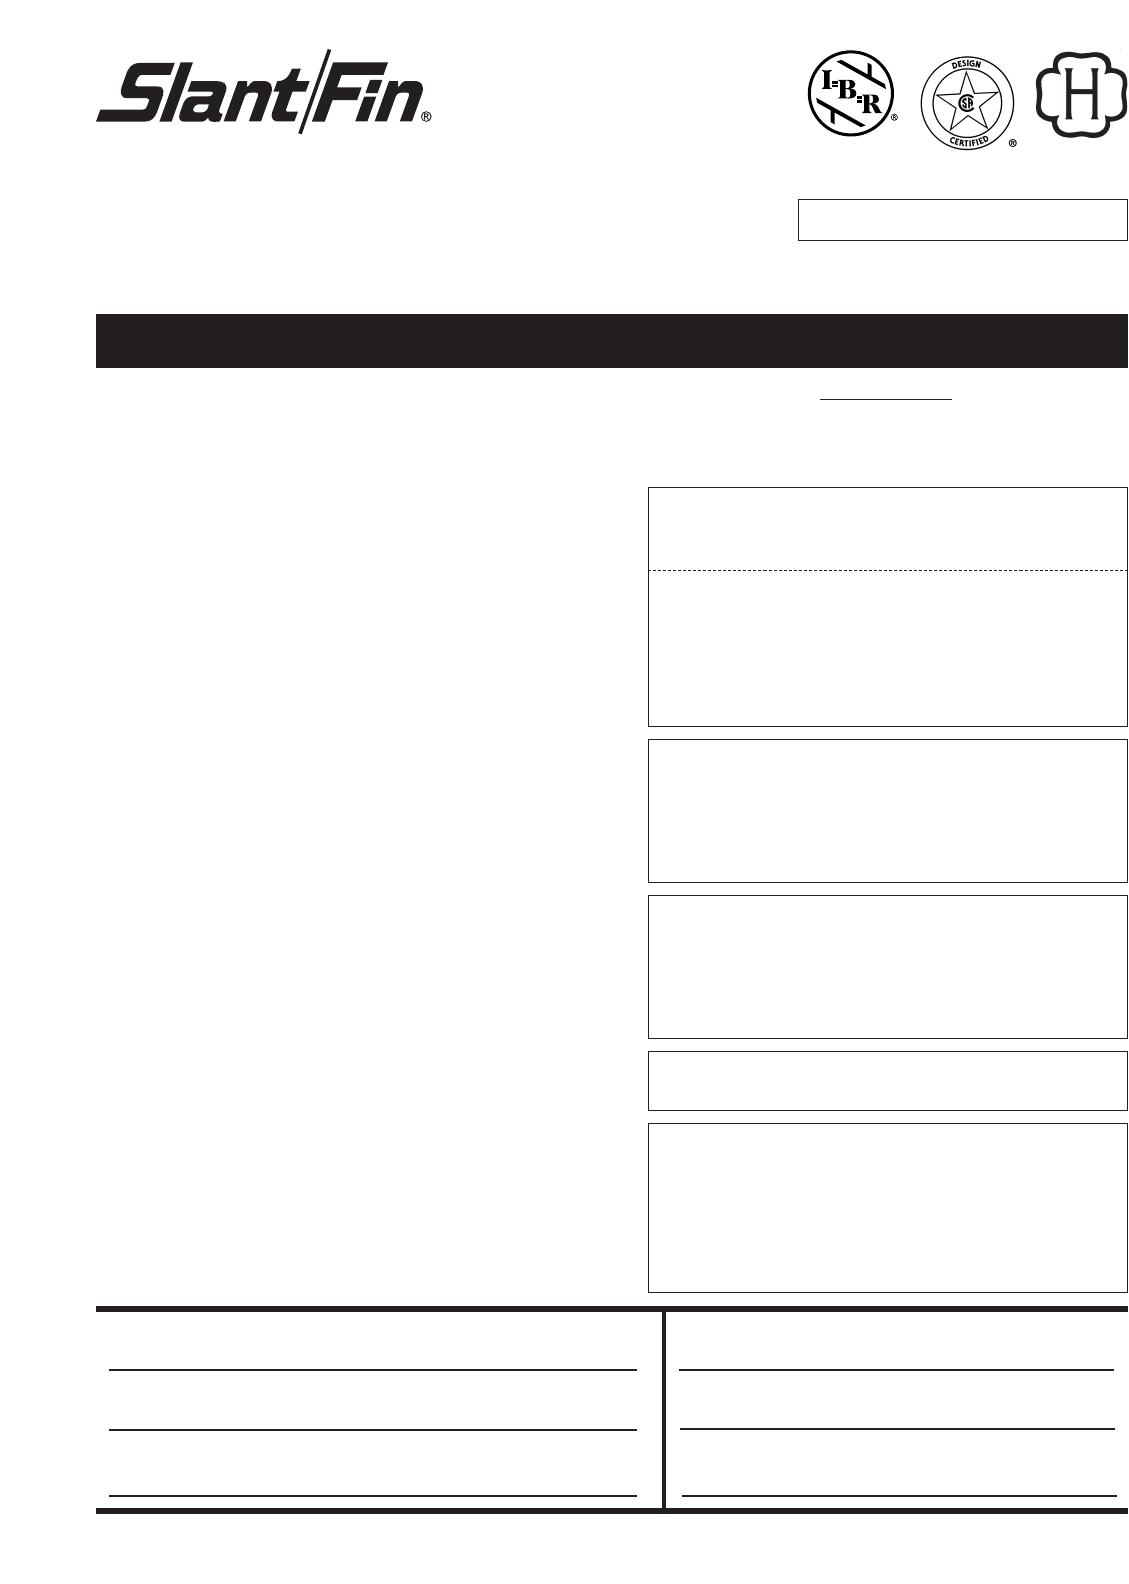 slant fin boiler s 150 user guide. Black Bedroom Furniture Sets. Home Design Ideas